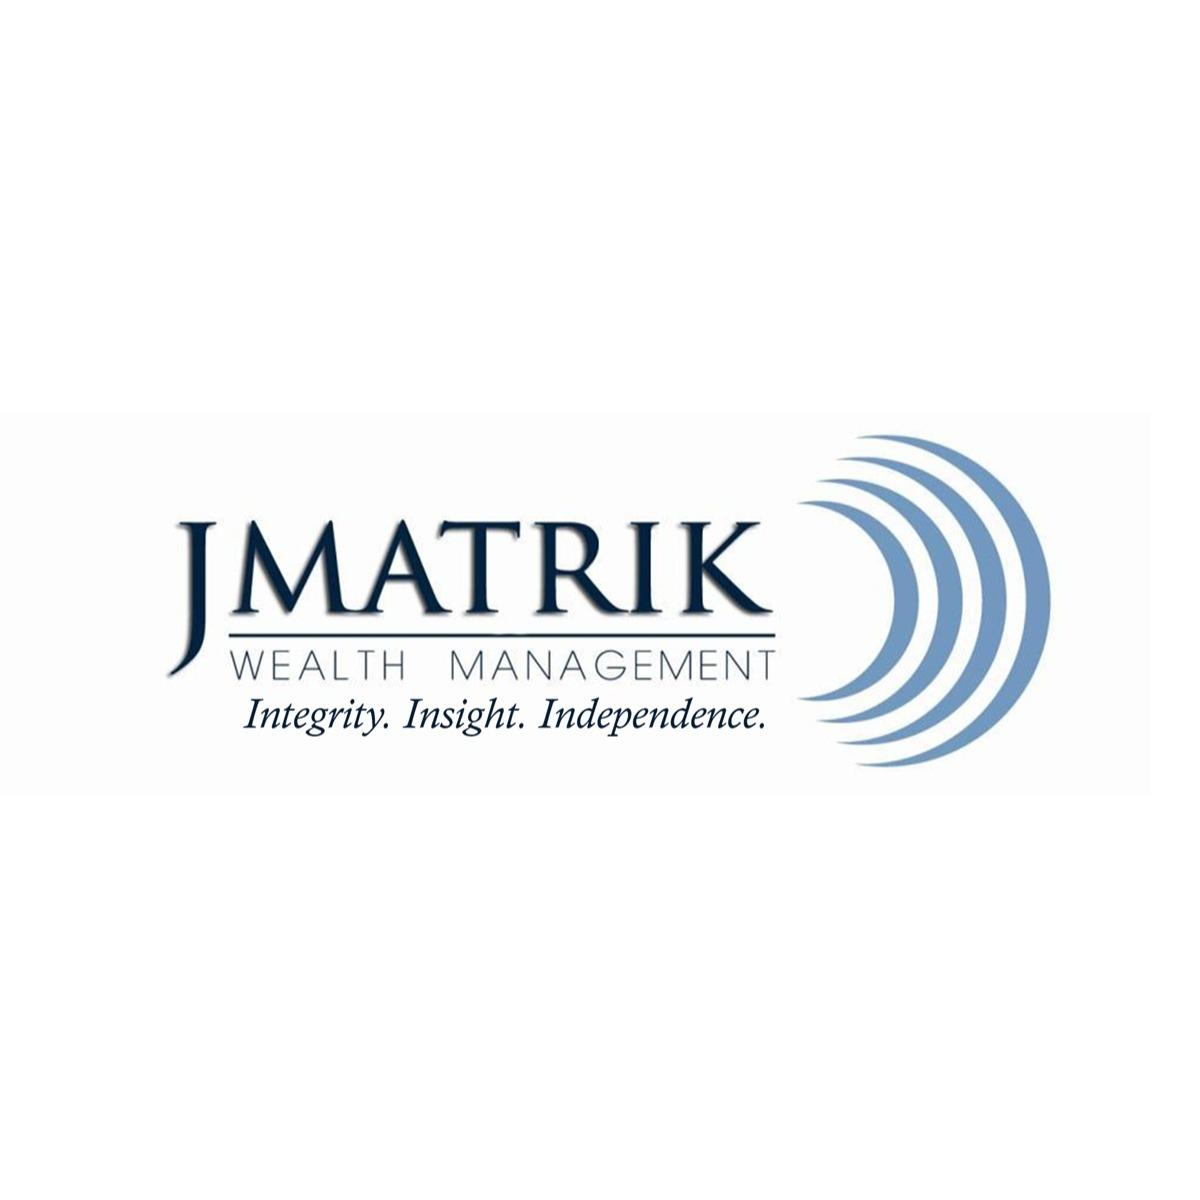 JMATRIK WEALTH MANAGEMENT